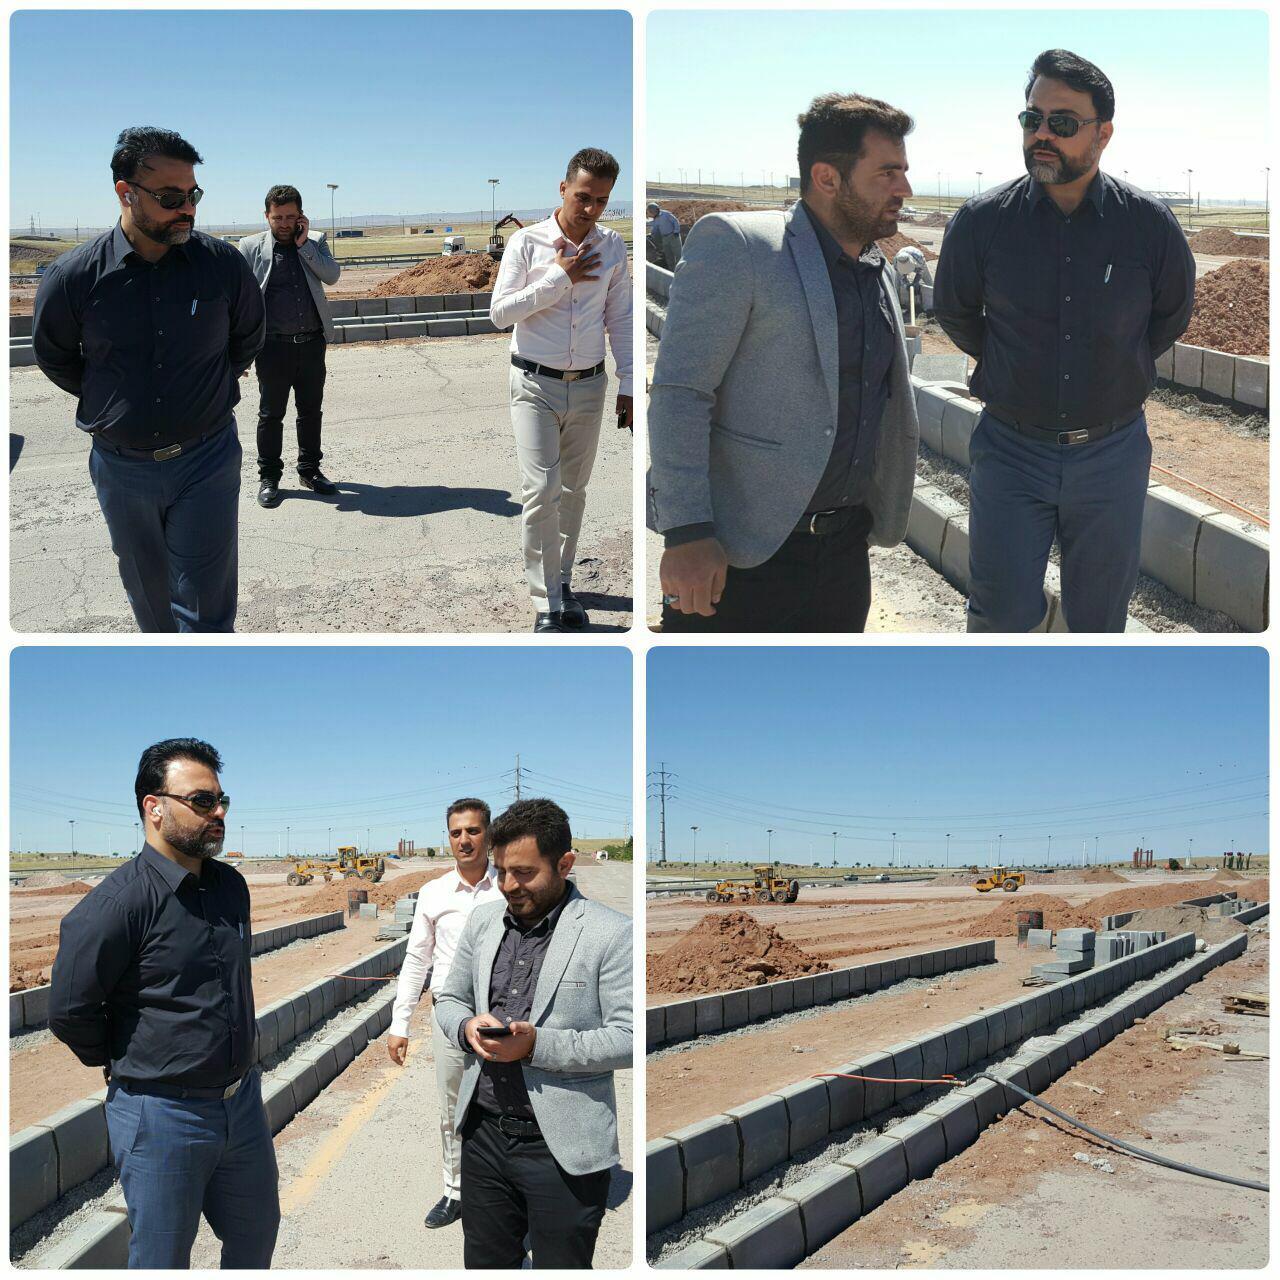 مهندس عرب تاکید کرد؛ توسعه زیرساخت ها؛ اولویت نخست شهرداری پرند در سال جاری